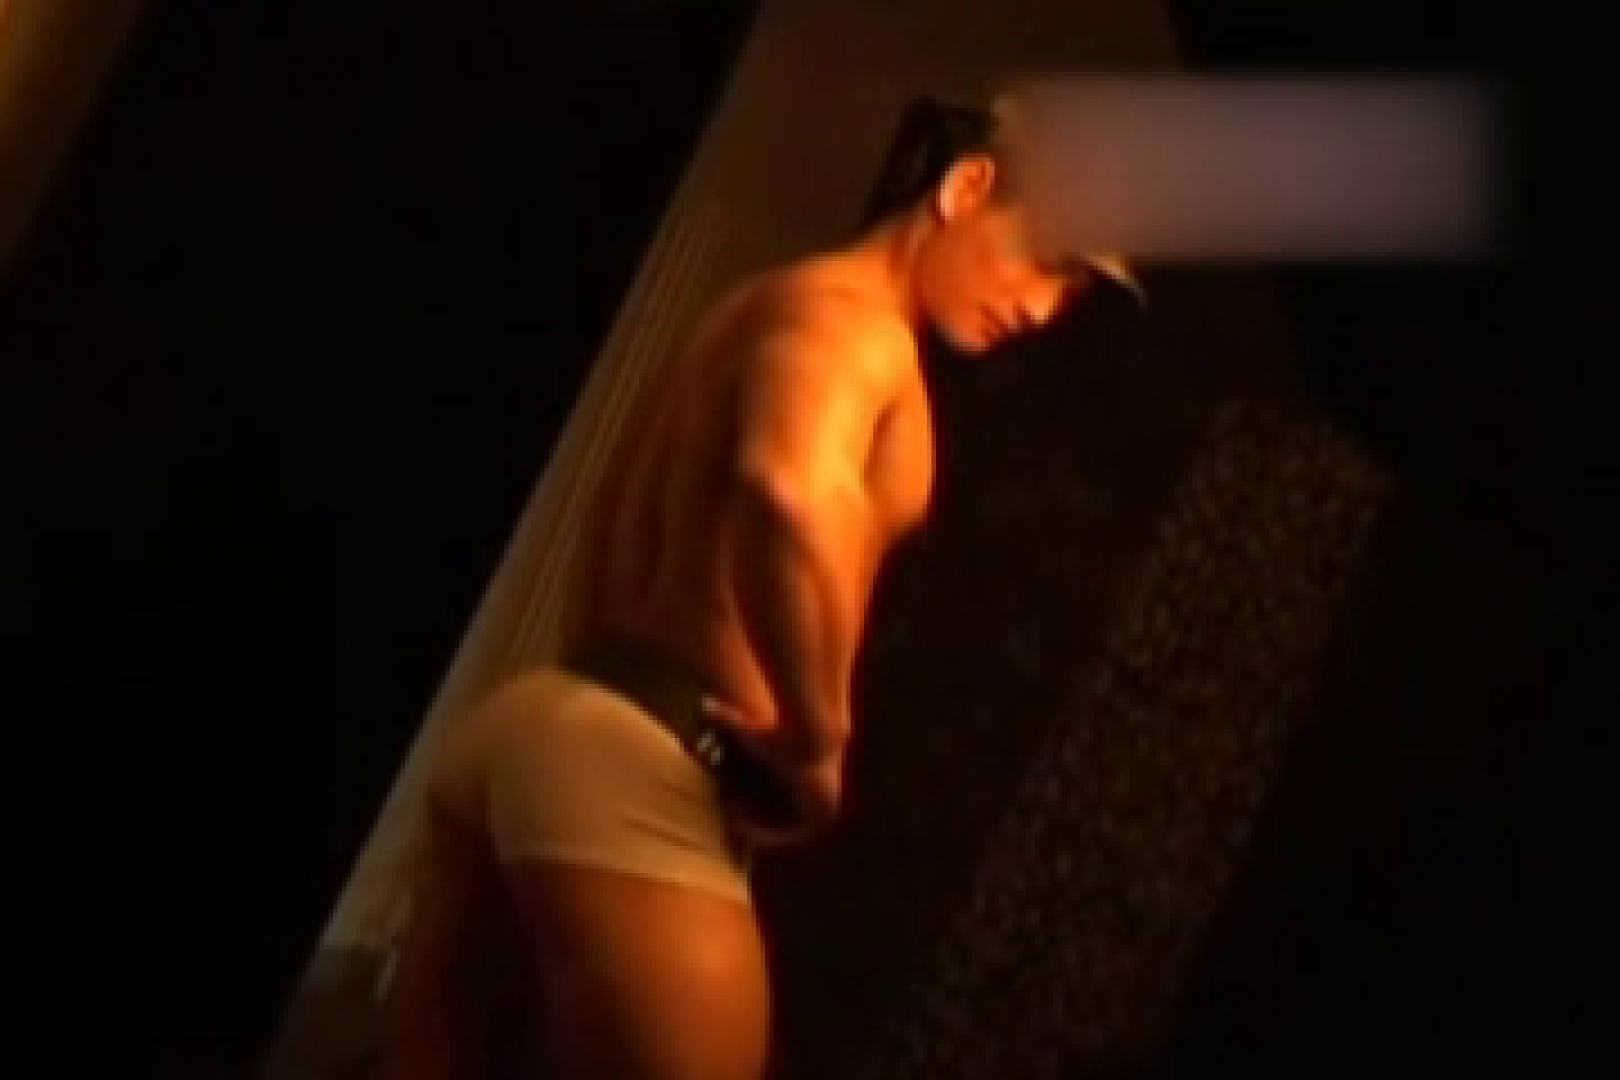 流出!!メンズスーパーモデル達のヌードinChina vol3 メンズモデル ゲイセックス画像 84画像 53